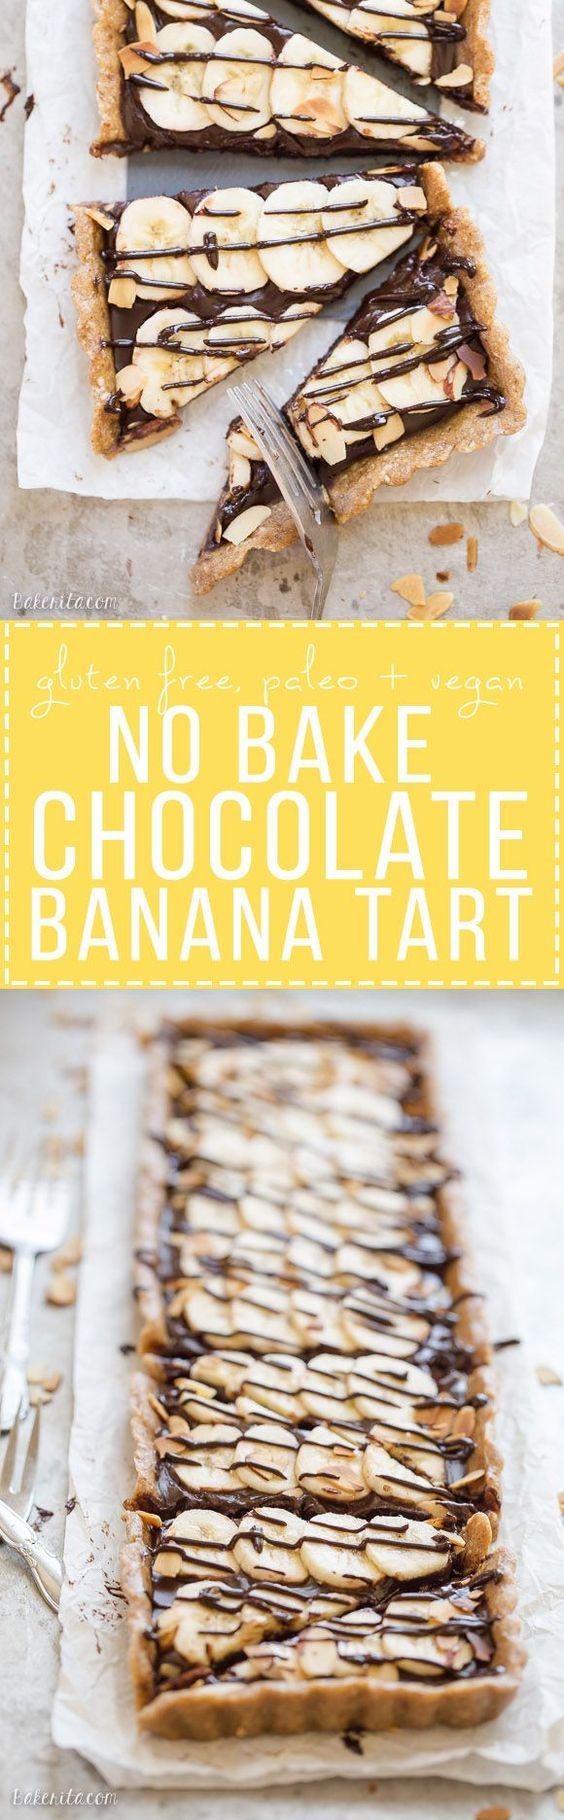 no-bake-chocolate-banana-tart-paleo-vegan-gluten-free